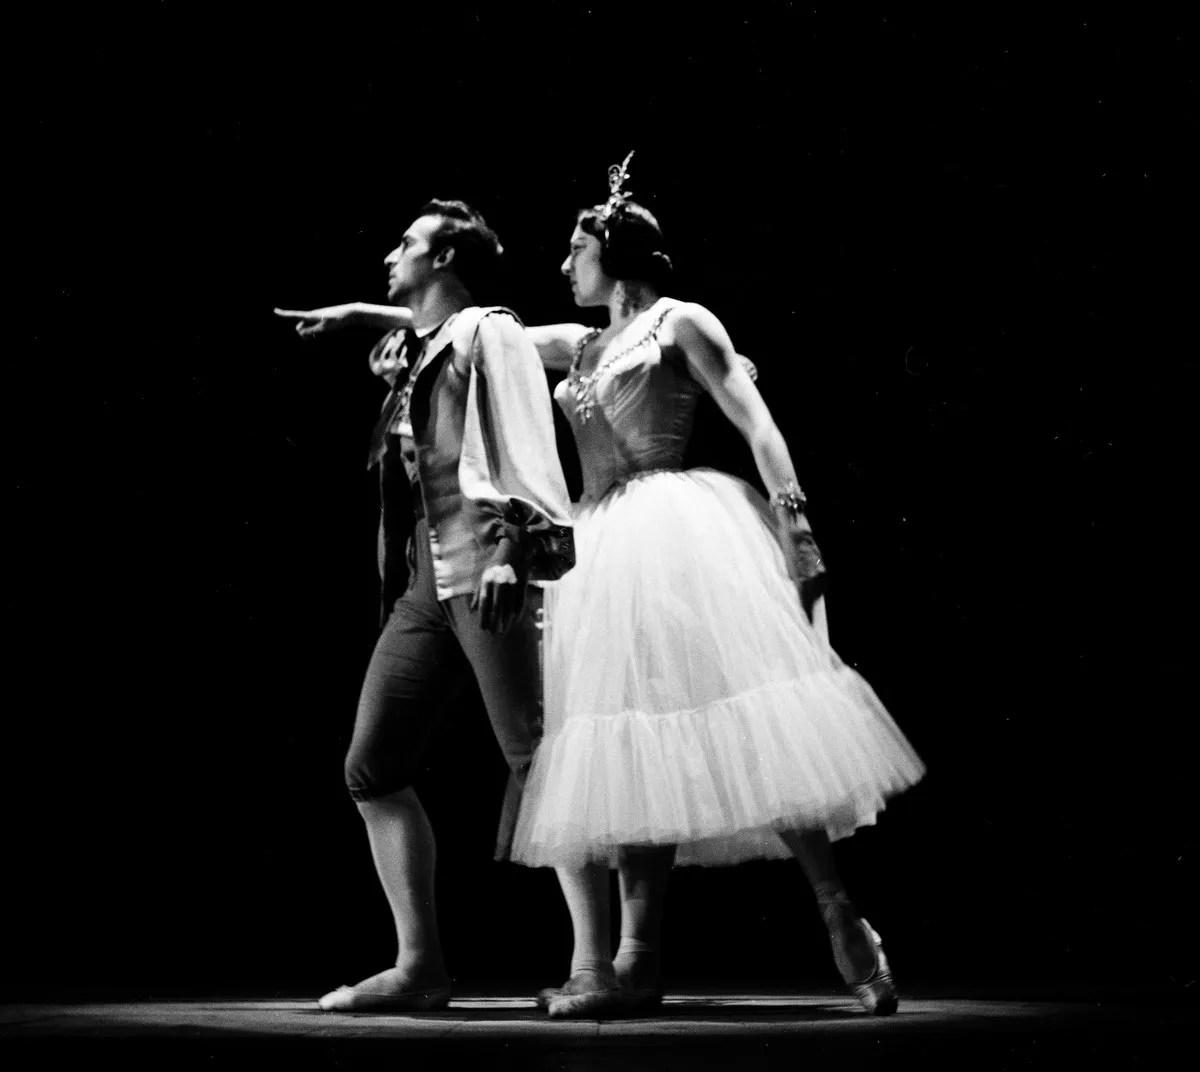 1953 Luciana Novaro in Le Baiser de la fée with Giulio Perugini, photo by Erio Piccagliani © Teatro alla Scala